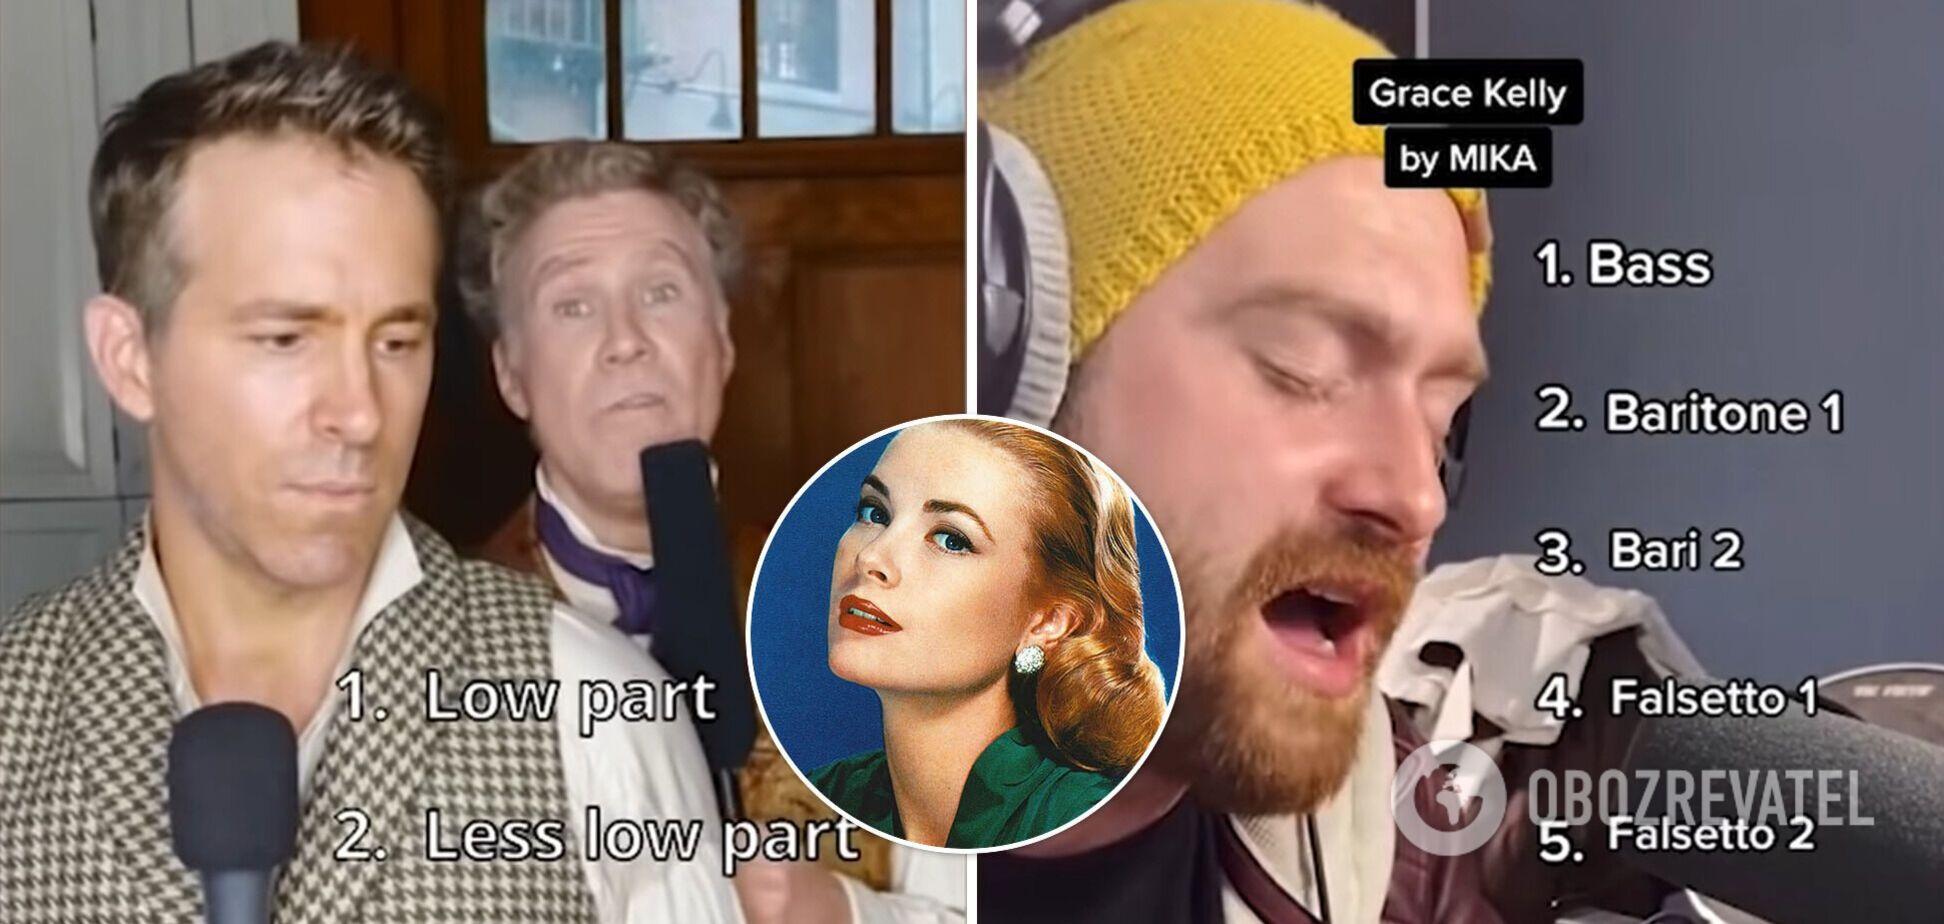 Вызов Грейс Келли для певцов: в TikTok появился новый челлендж